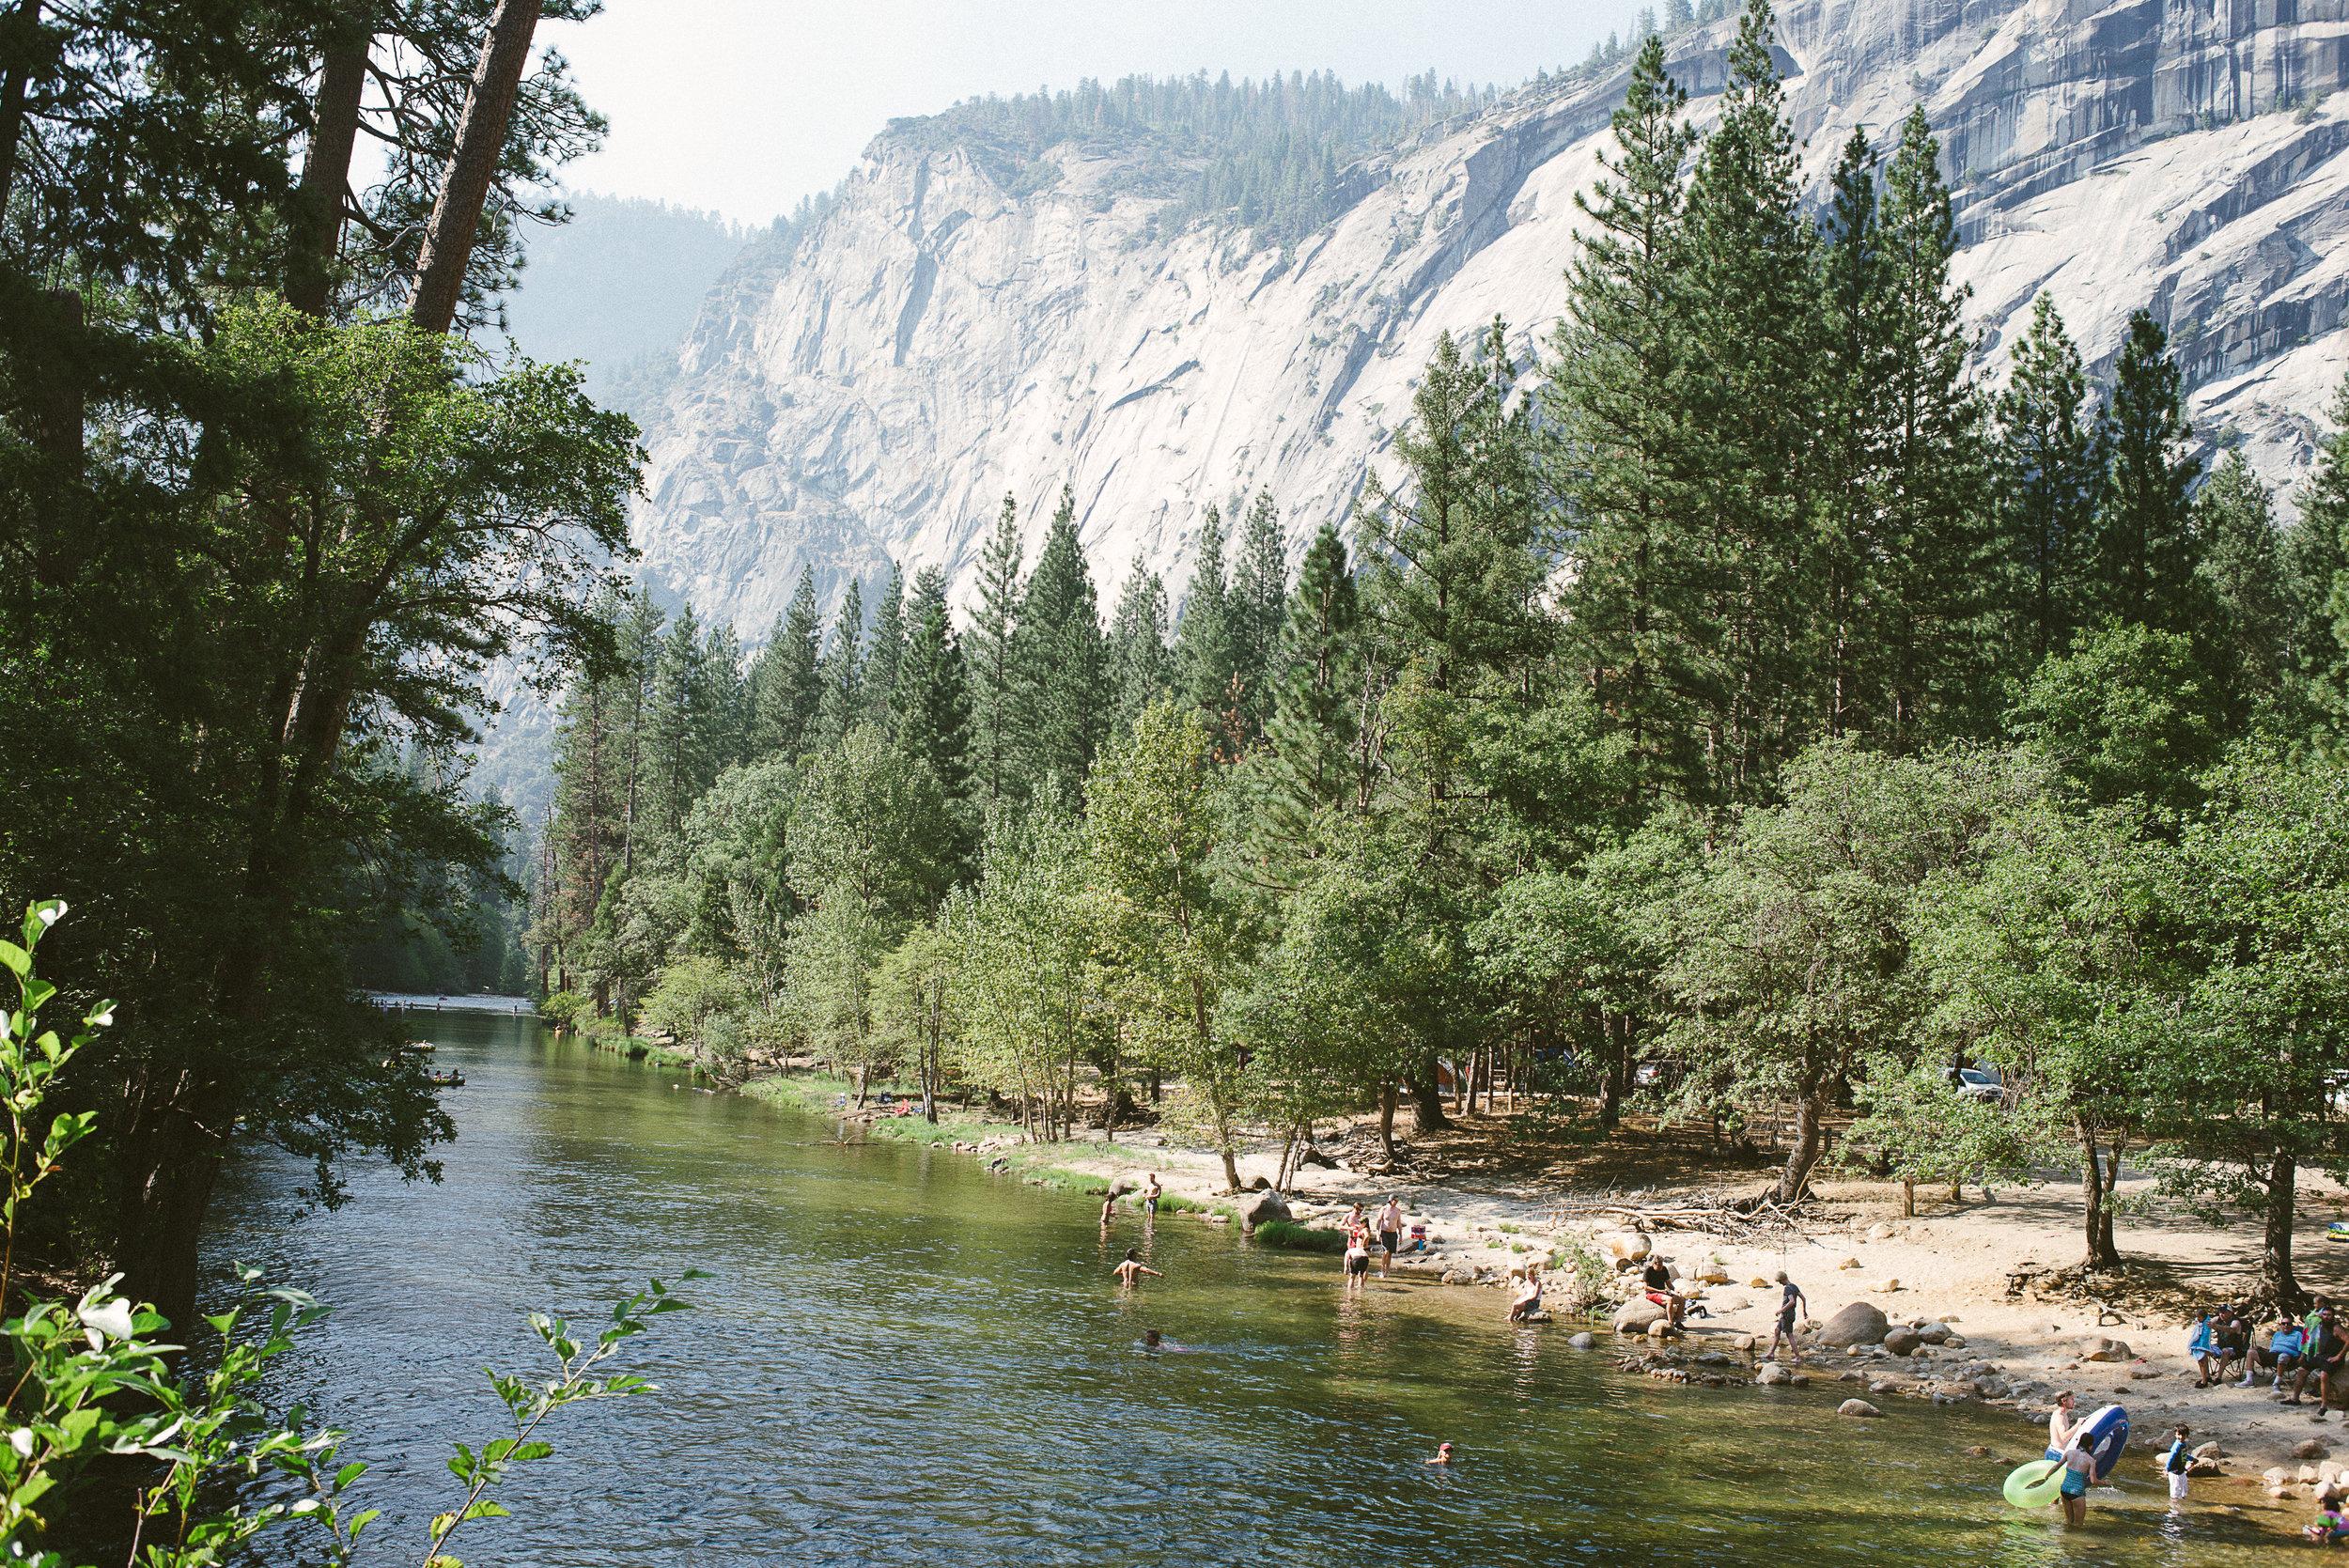 2017_susanadler_YosemiteTrailMavens-0017.jpg